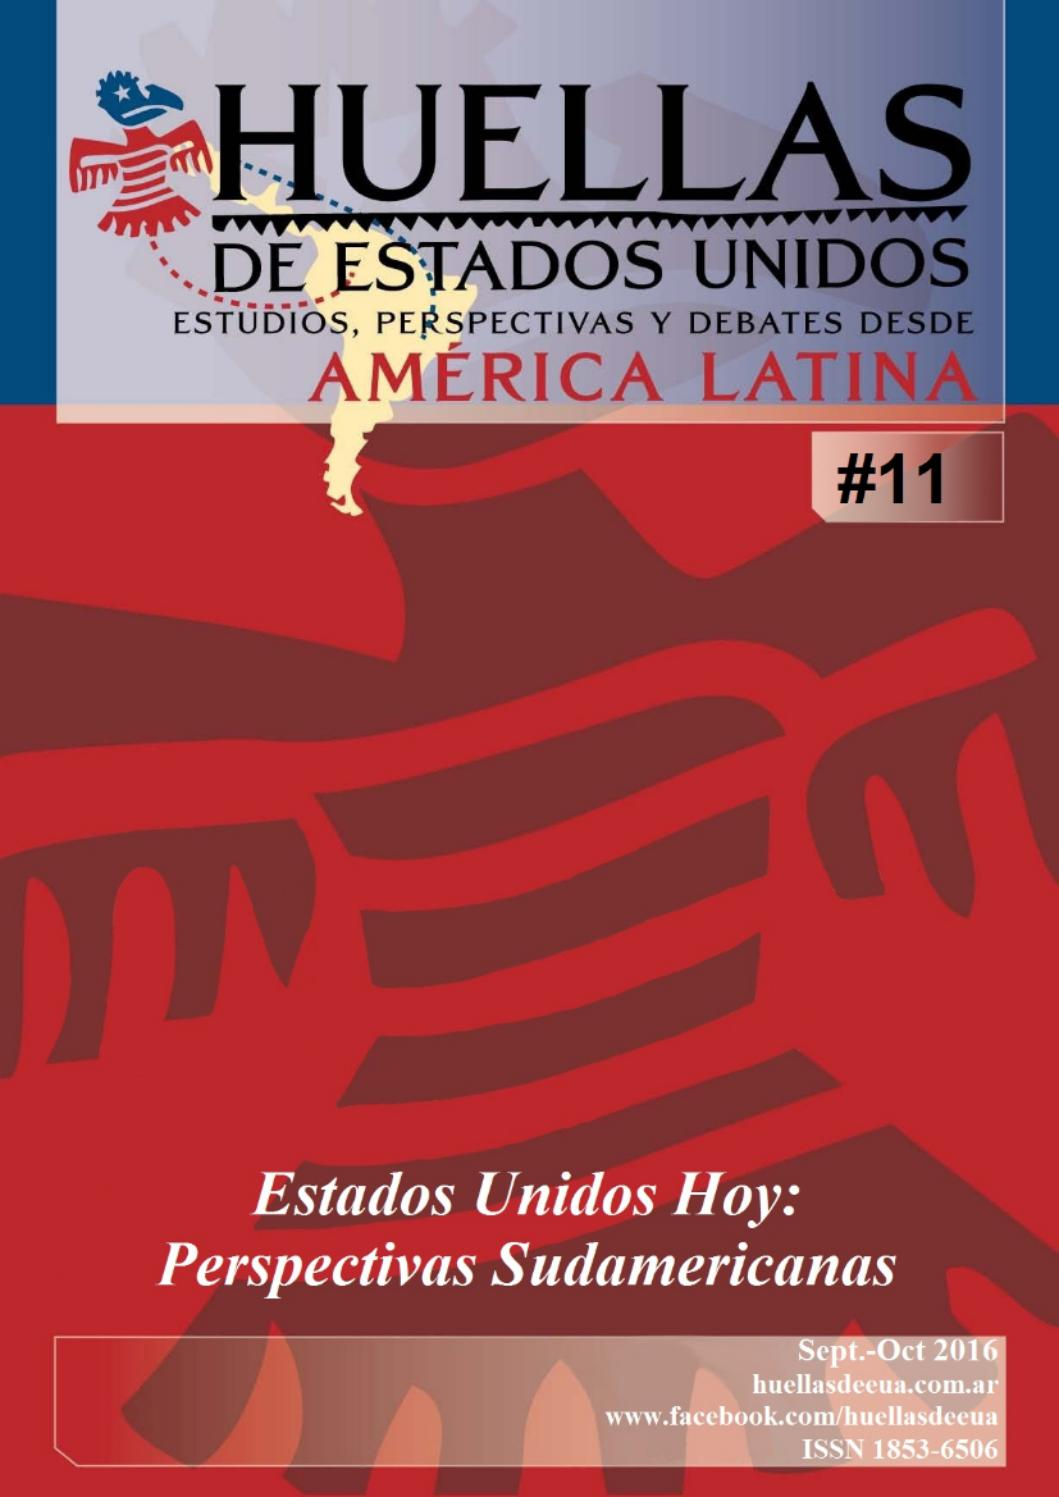 Huellas de Estados Unidos: Estudios, perspectivas y debates desde ...